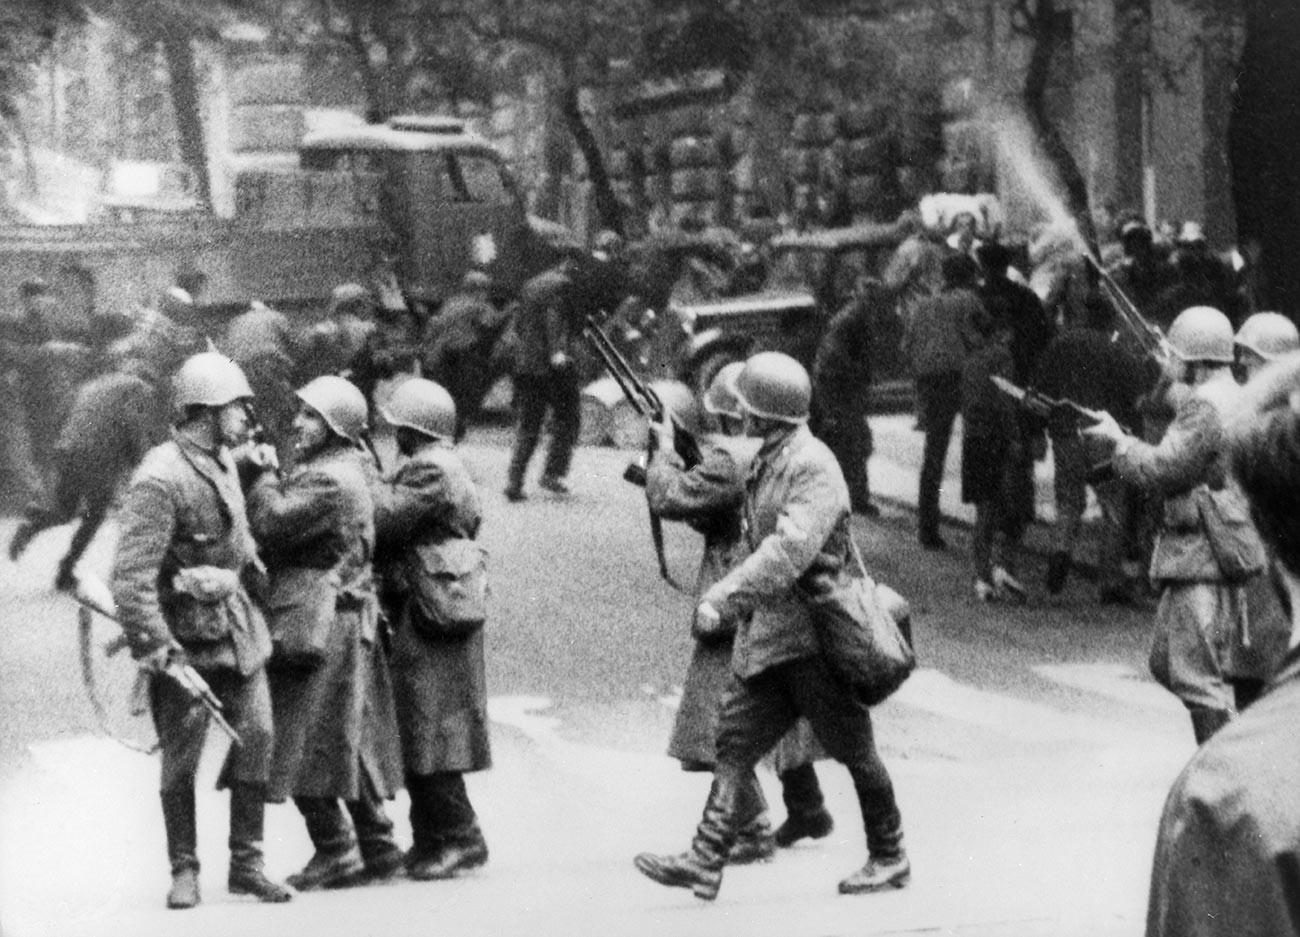 Войска стран Варшавского договора в Чехословакии, 1968 г.